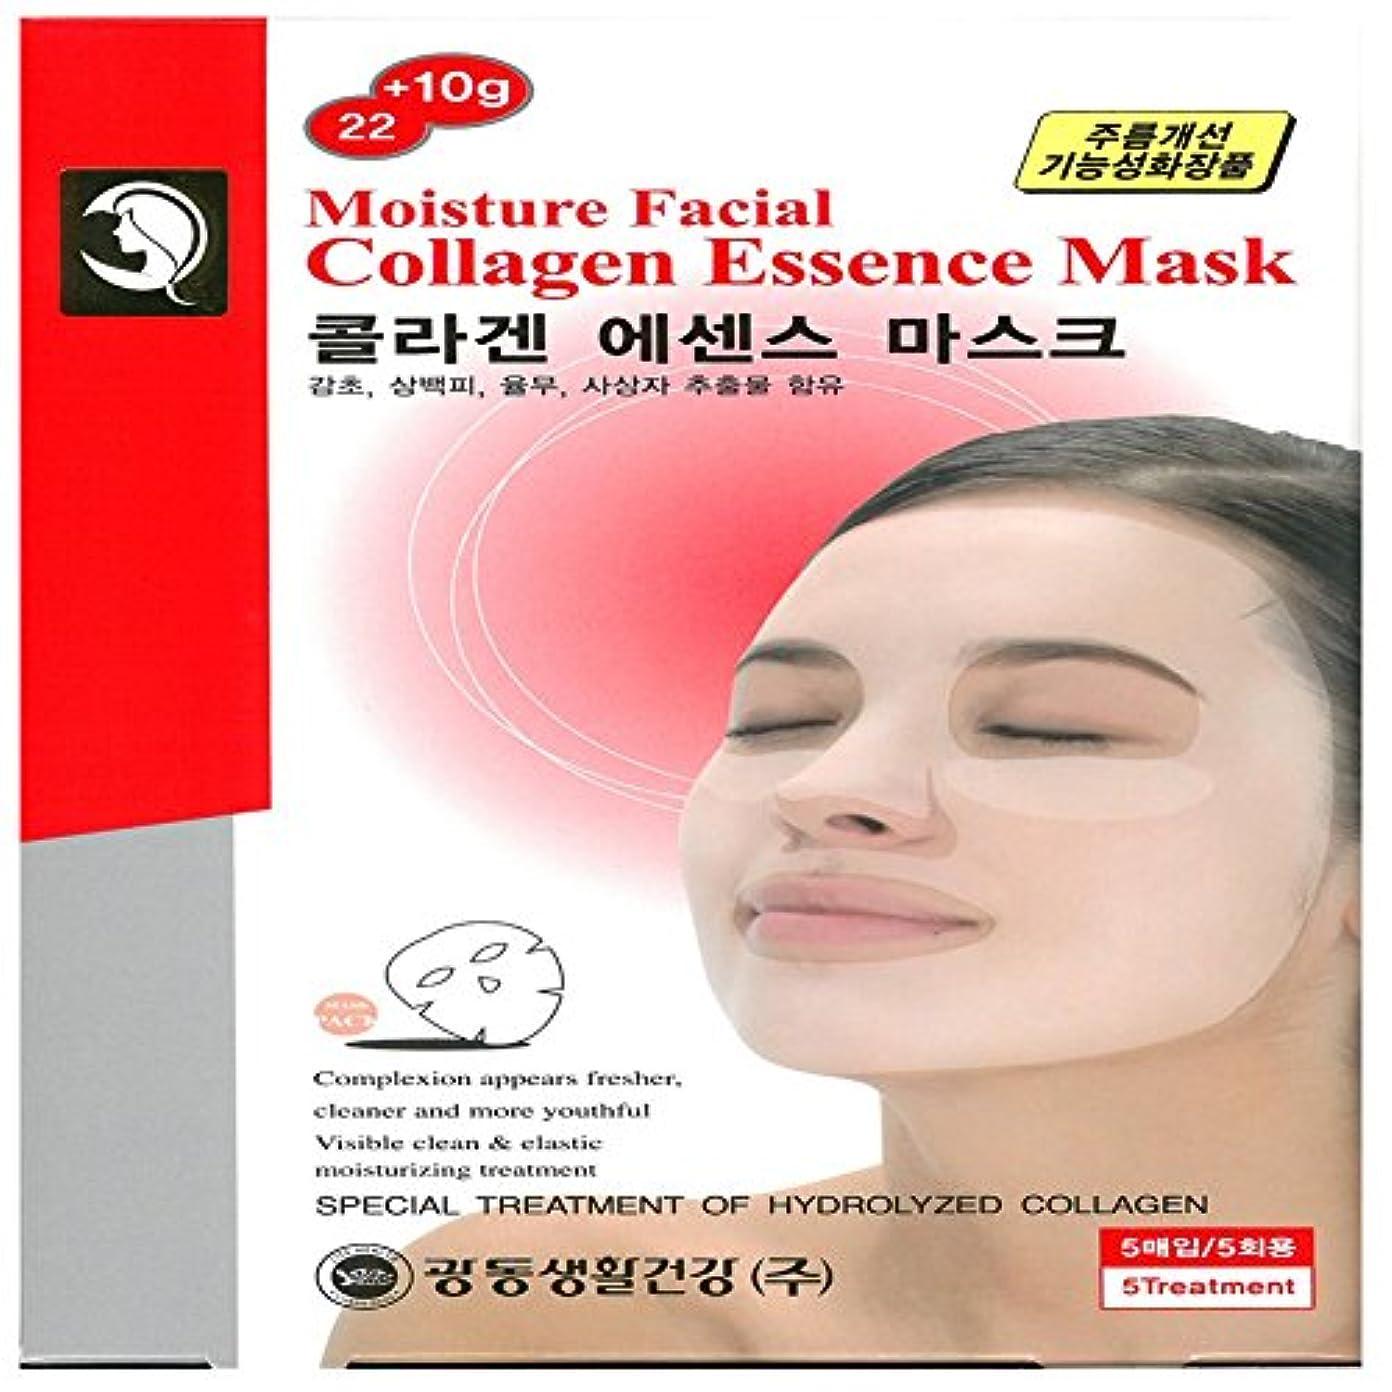 キャンセル食器棚ペネロペ[光東] kwangdong モイスチャーフェイシャルコラーゲンエッセンスマスク Moisture Facial Collagen Essence Mask 32gX5ea (海外直送品) [並行輸入品]